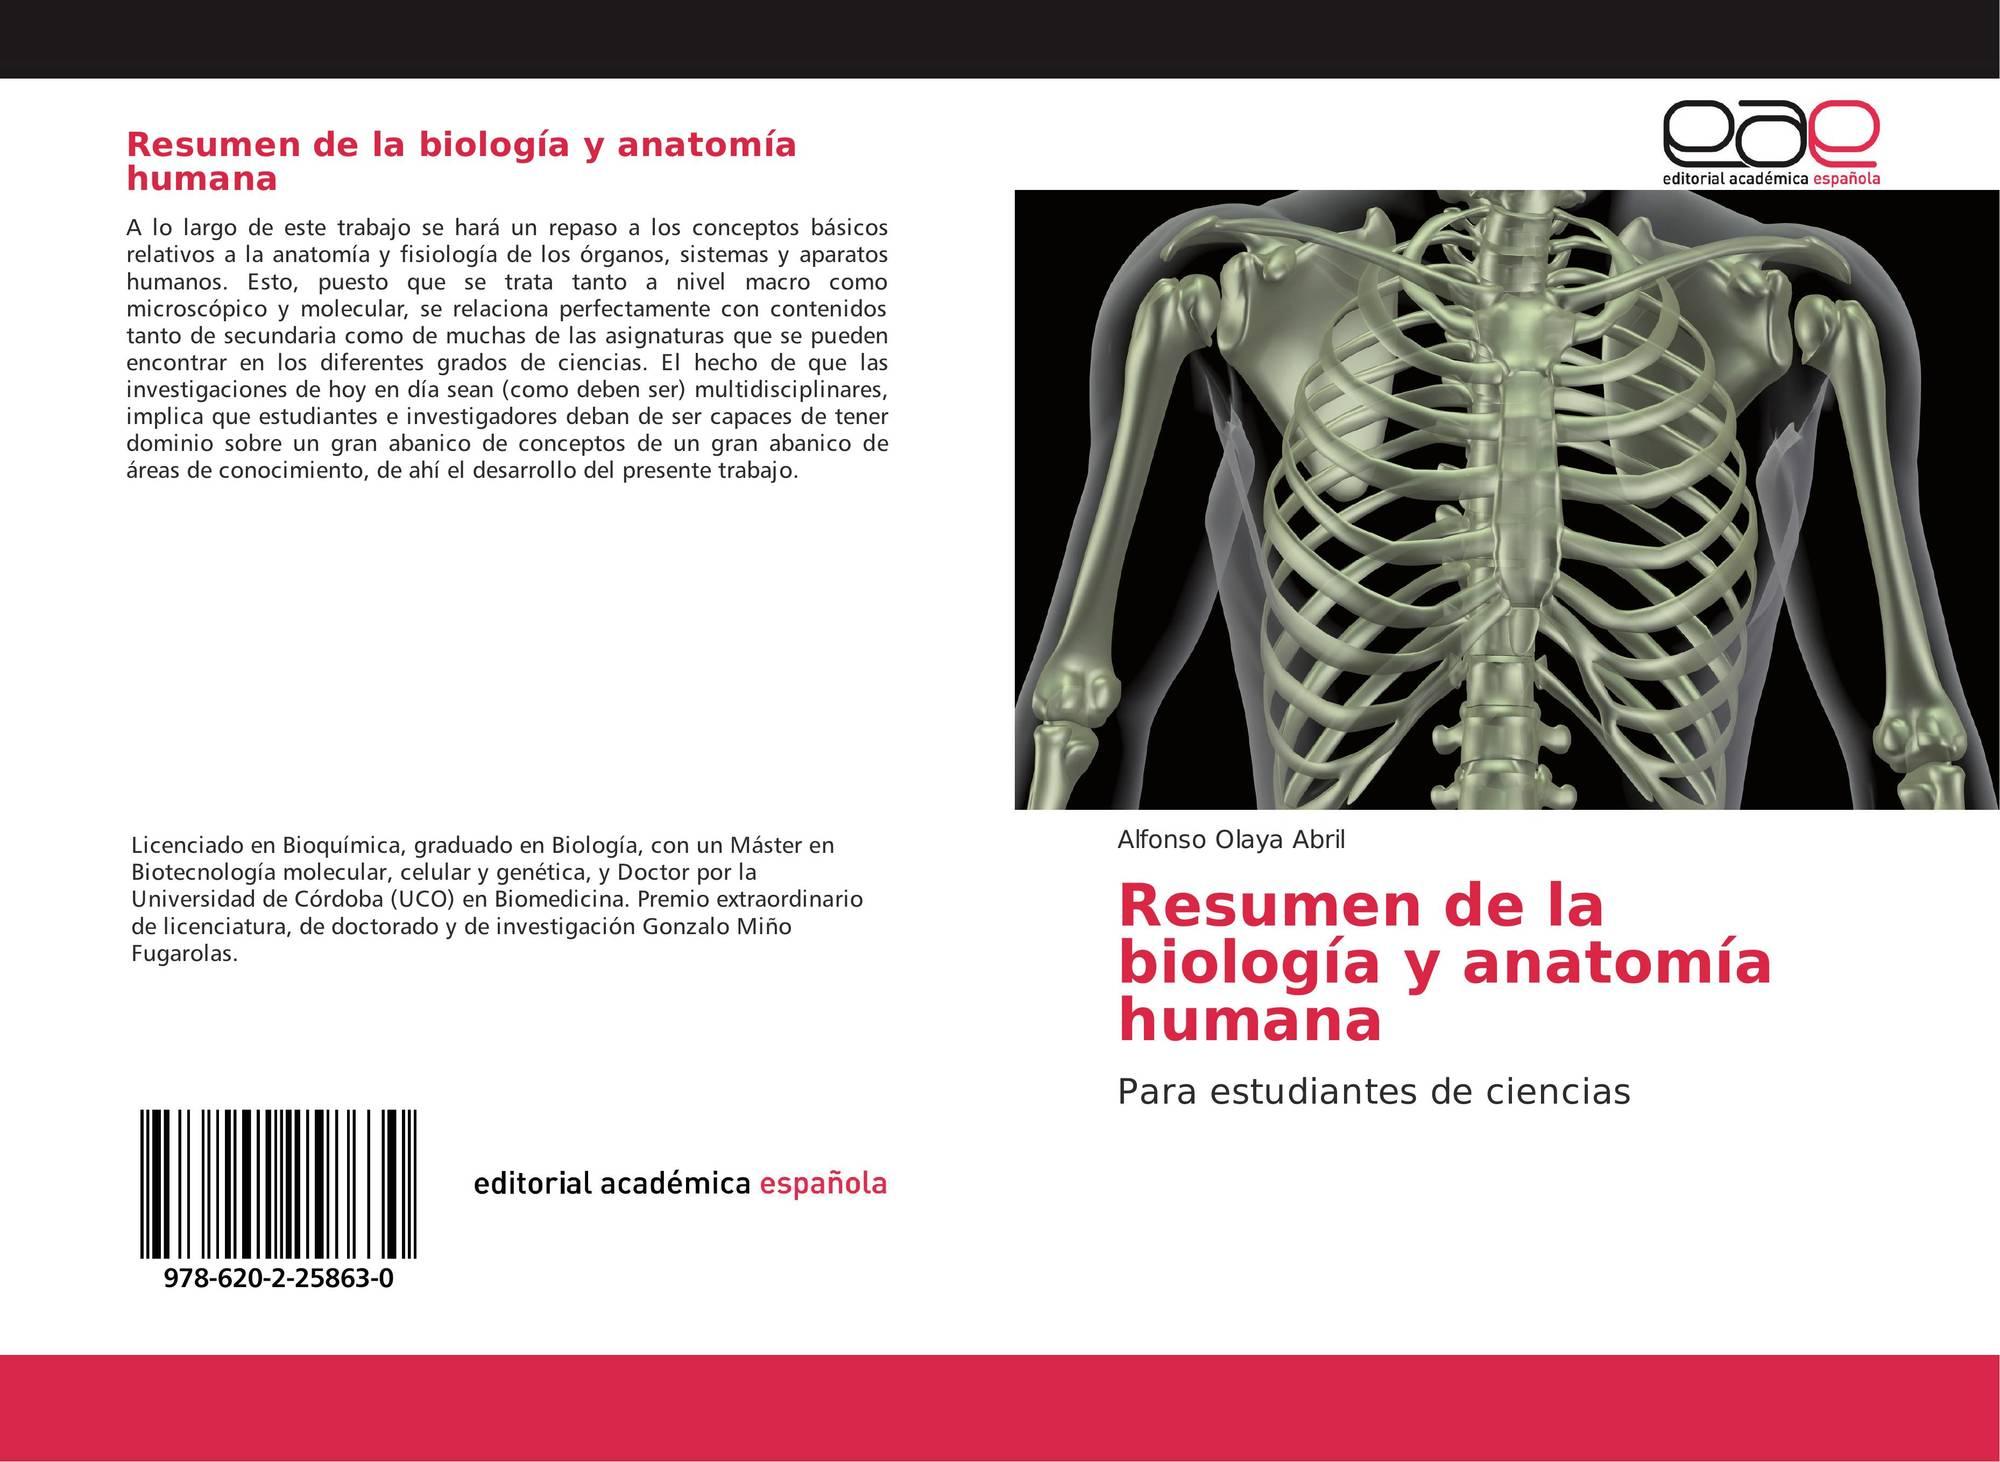 Resumen de la biología y anatomía humana, 978-620-2-25863-0 ...